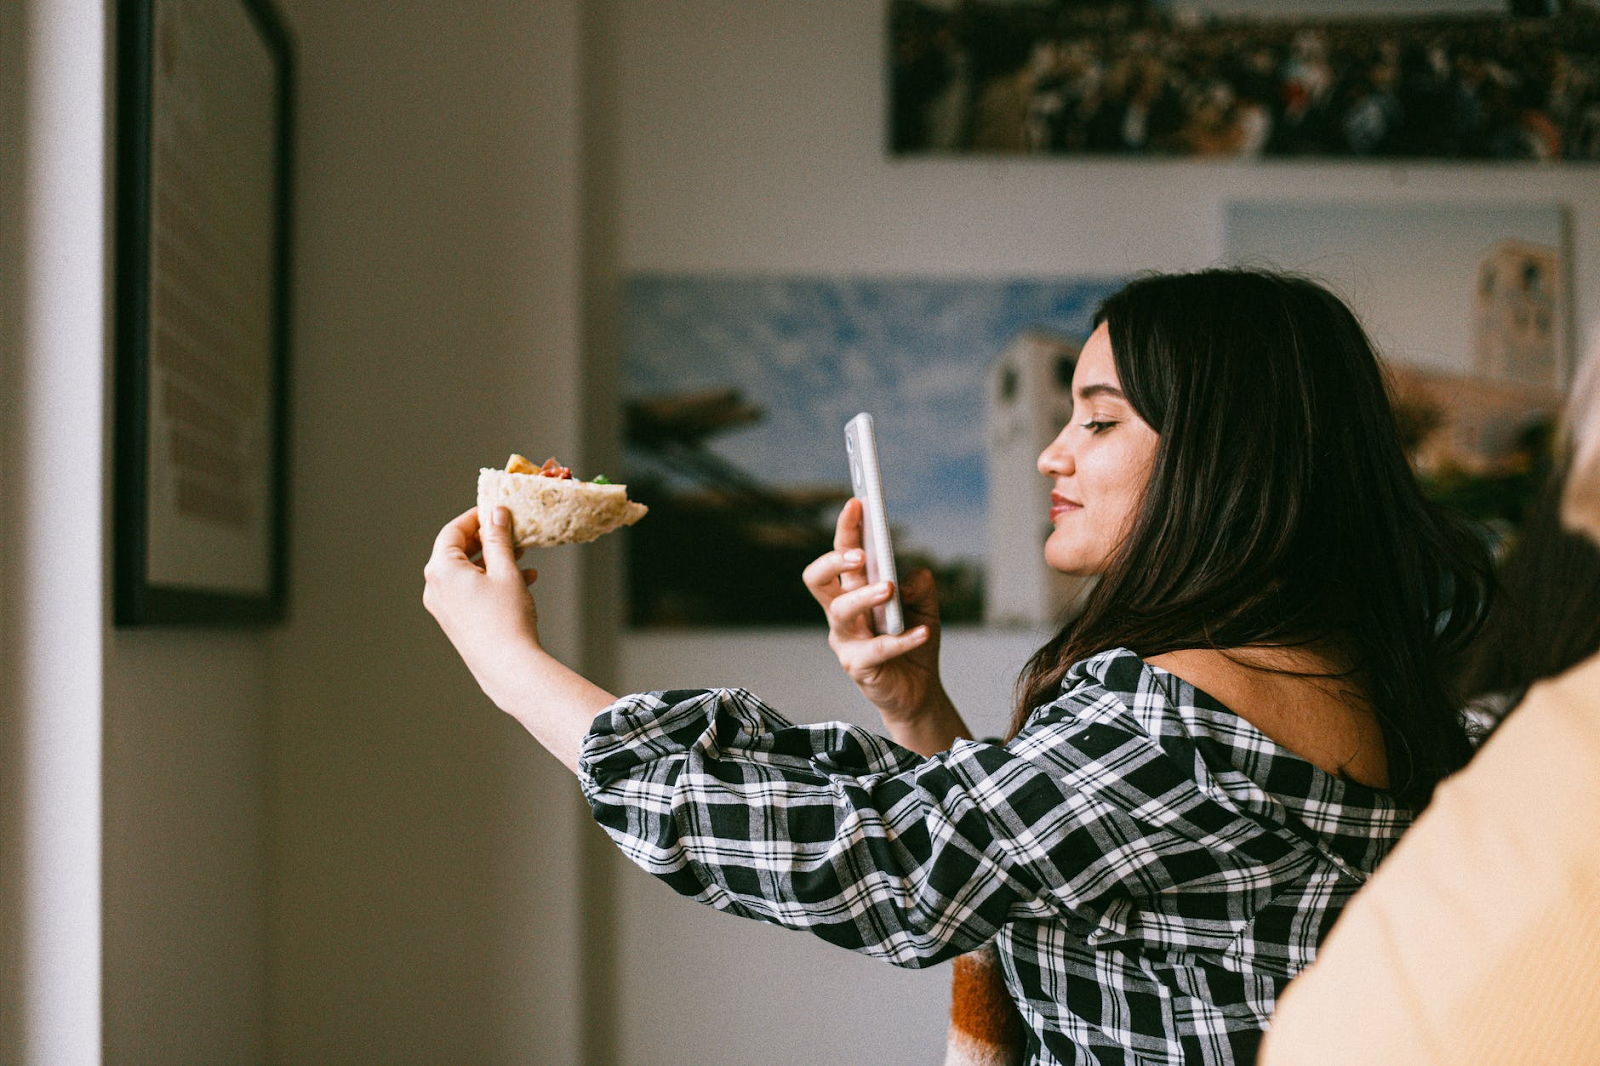 Фотография женщины, фотографирующей кусок пиццы своим телефоном.